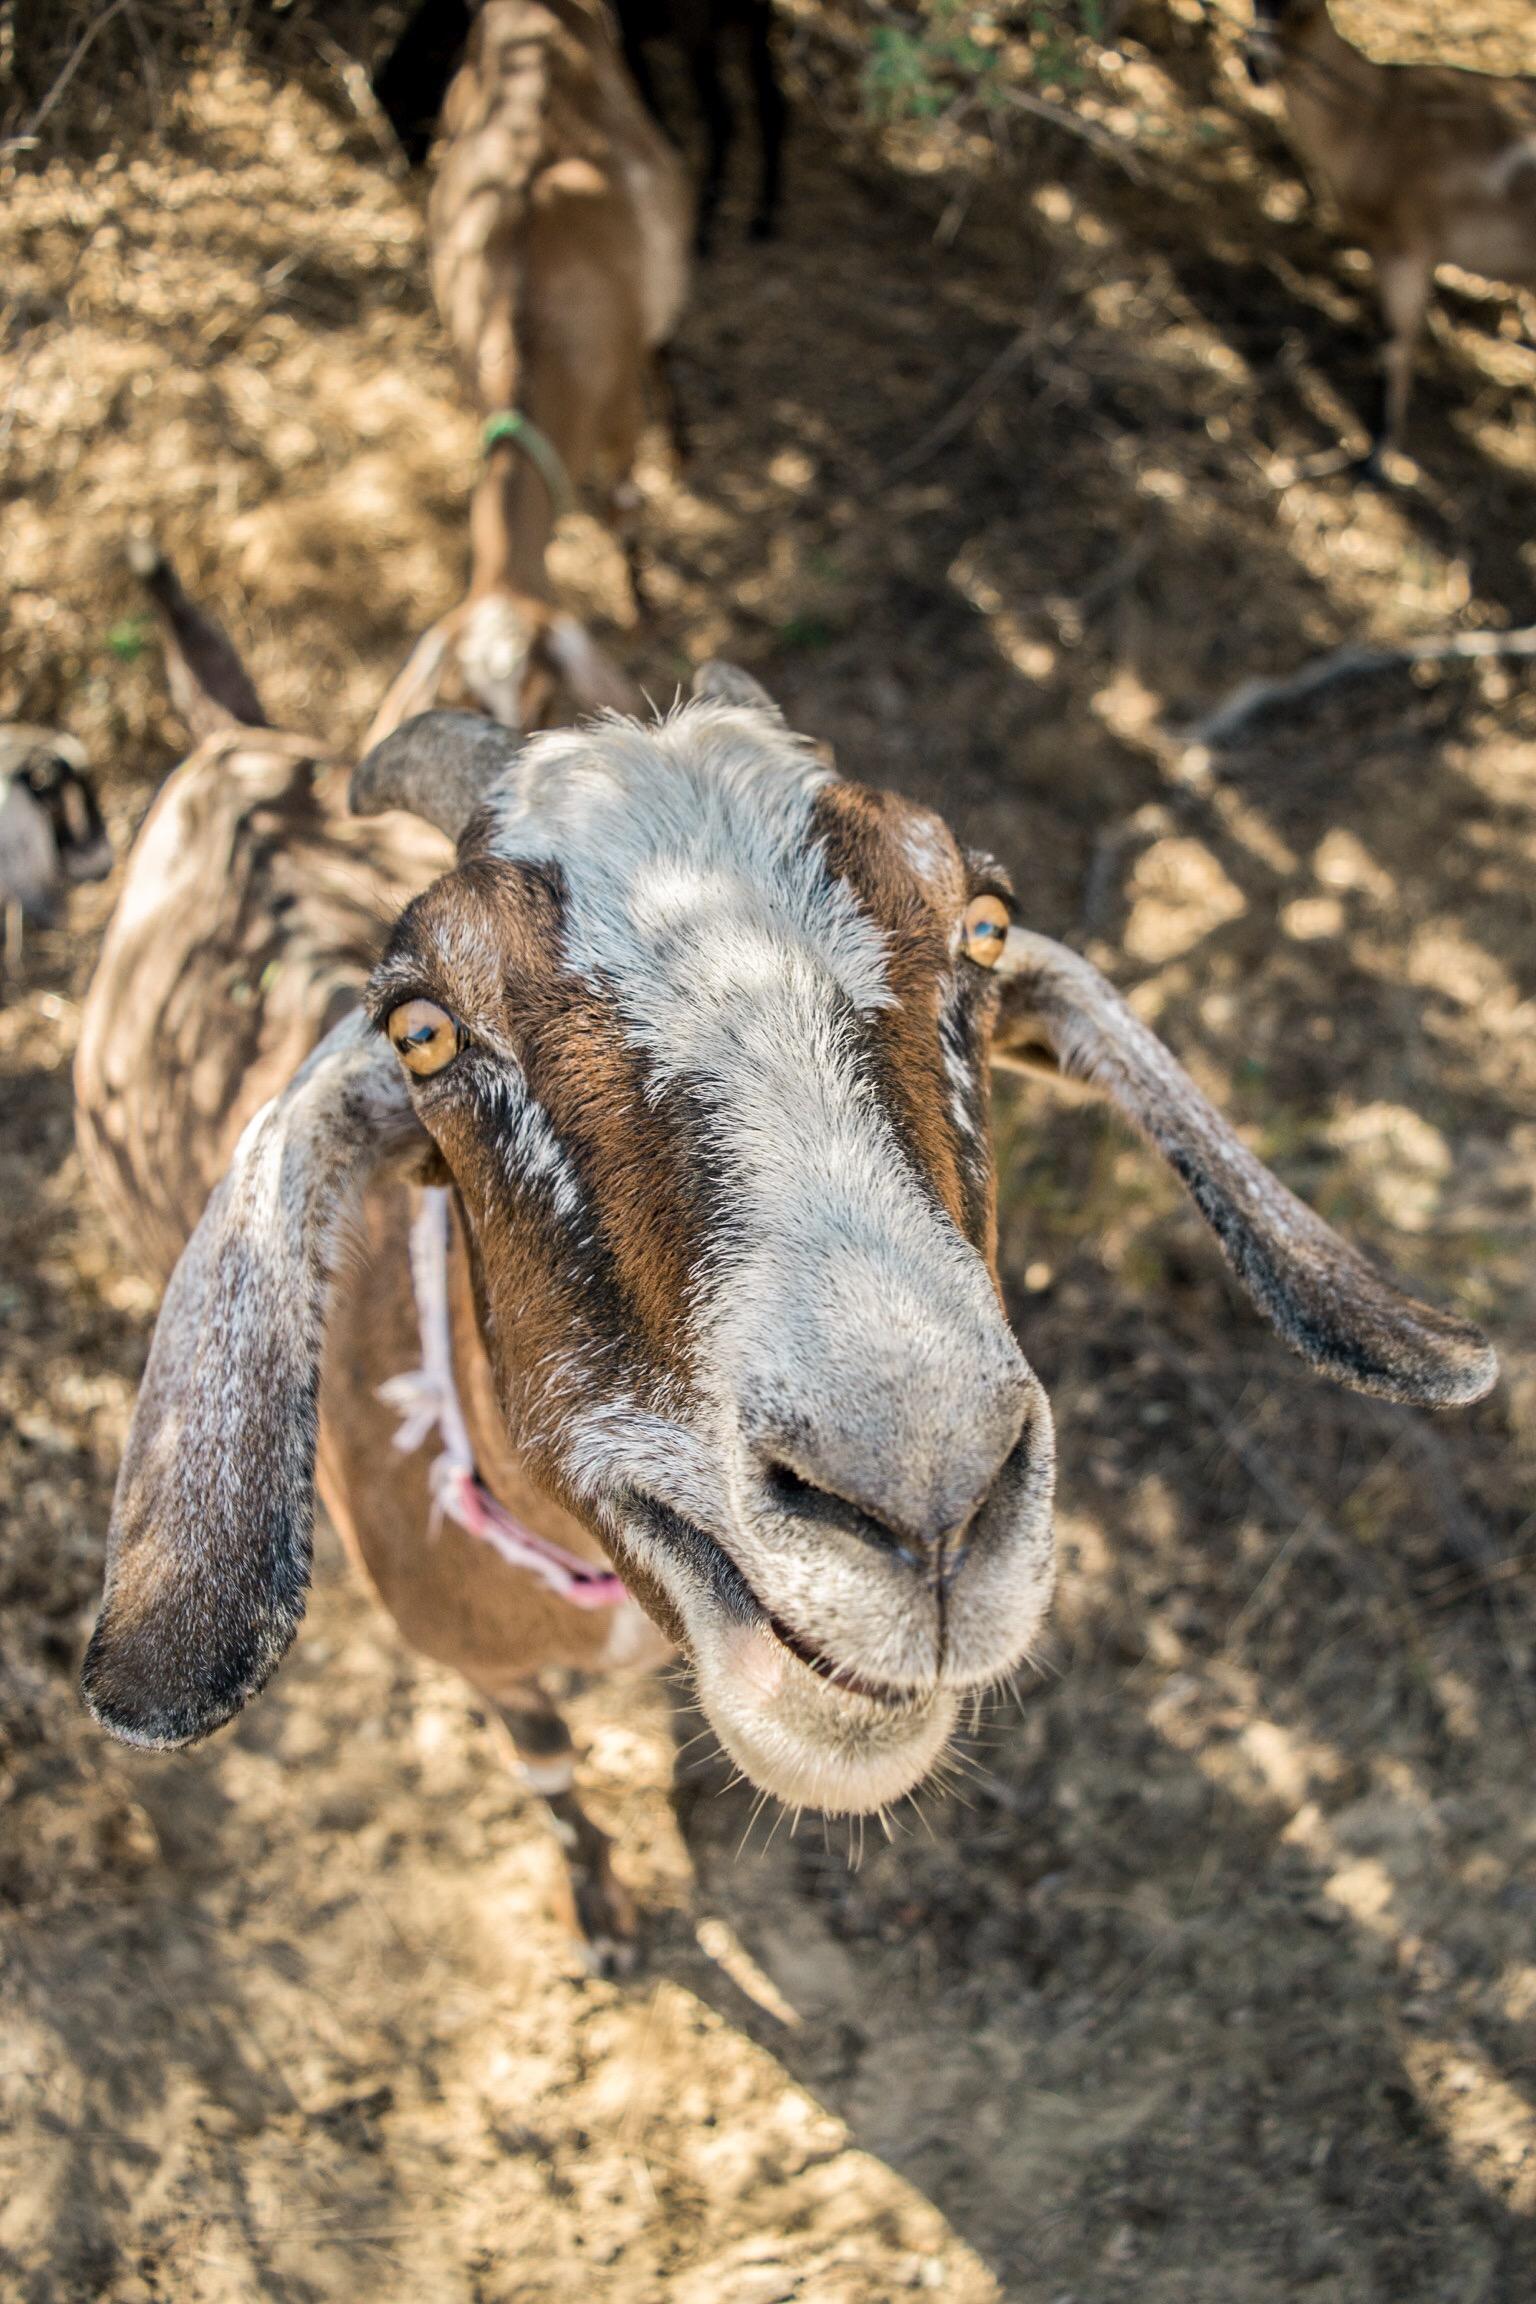 A Meditative Goat Walk on Odyssey Designs!